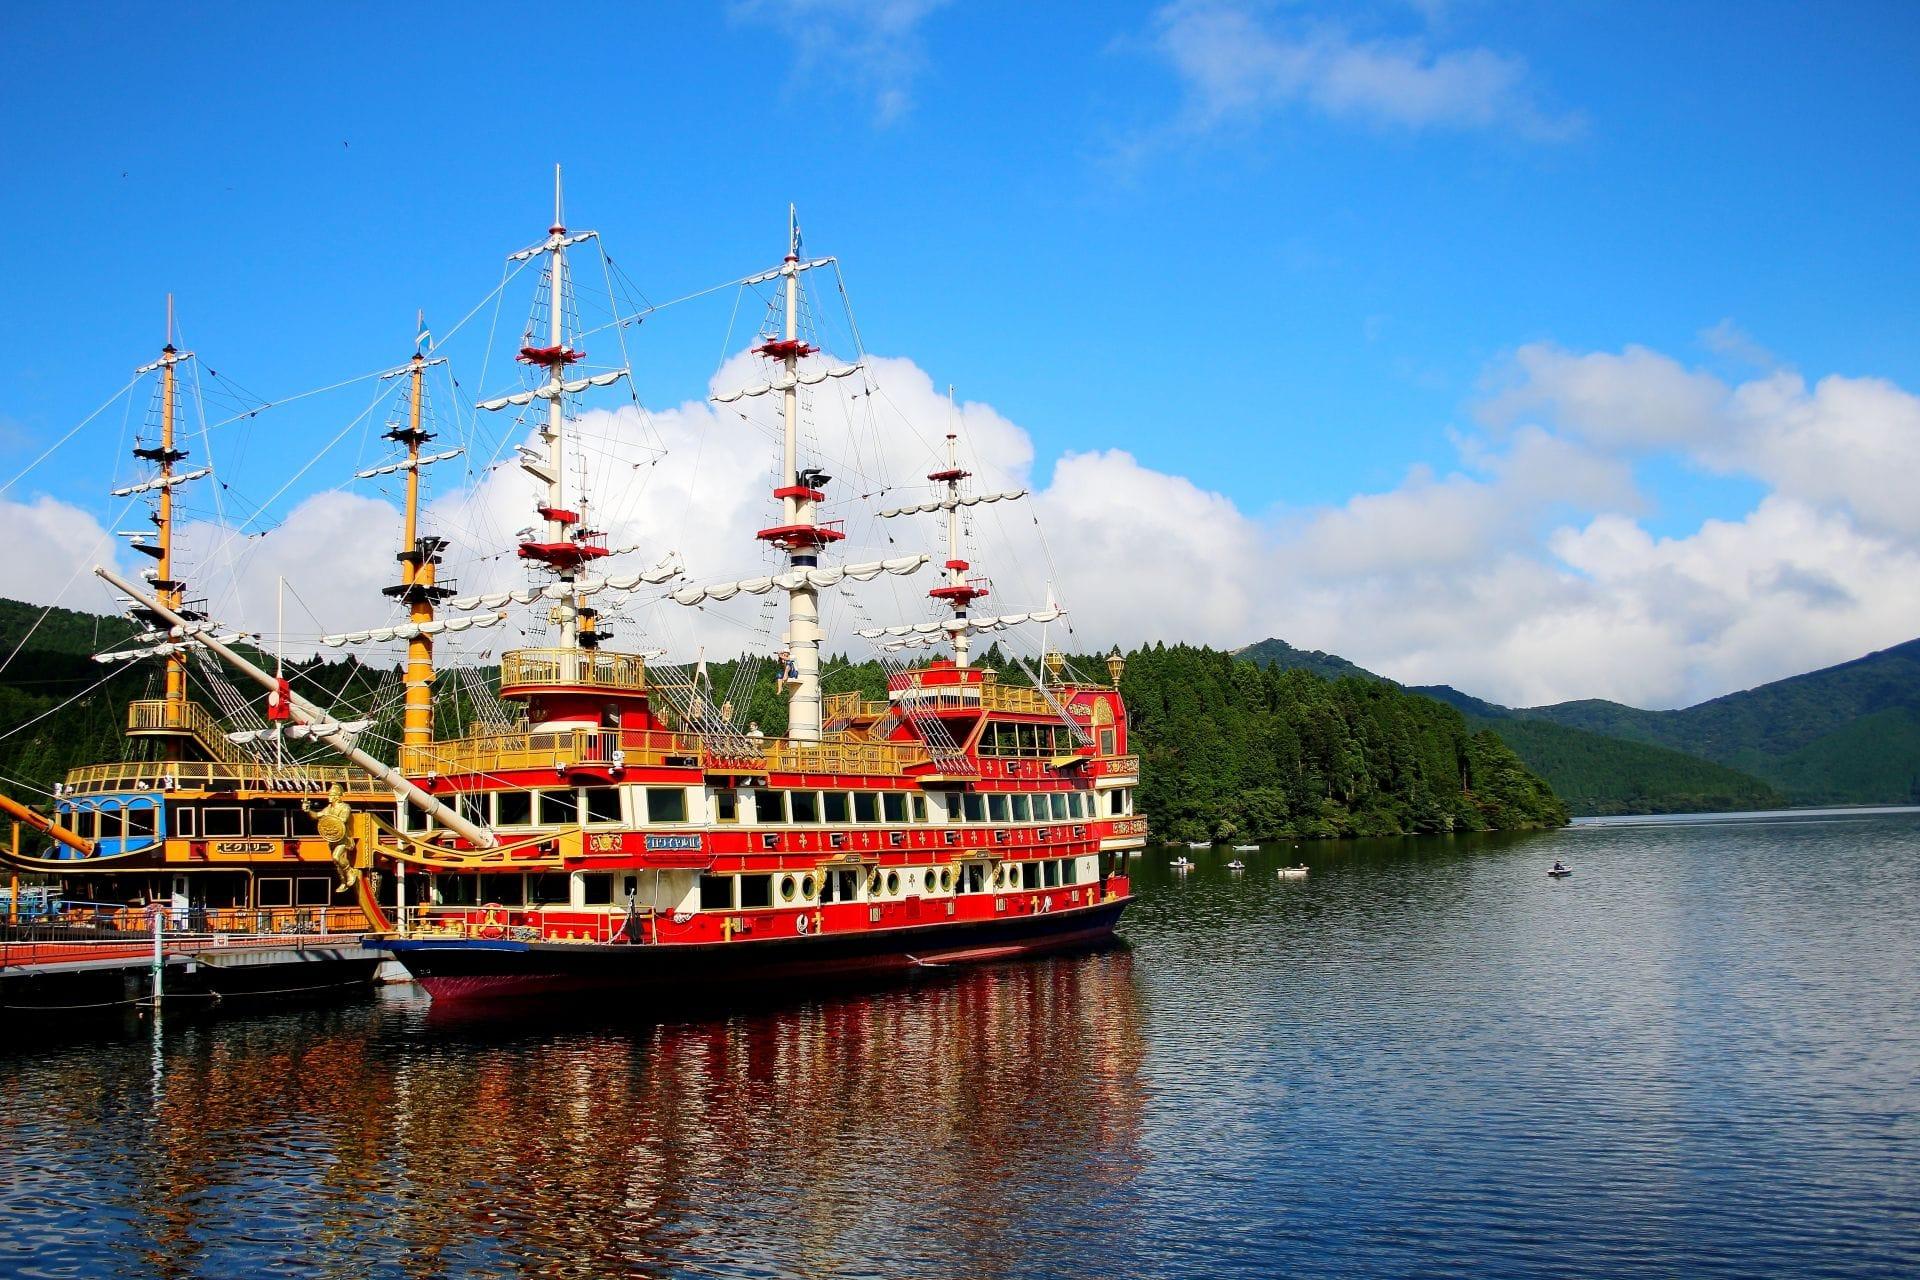 「蘆之湖海盜船遊」的圖片搜尋結果